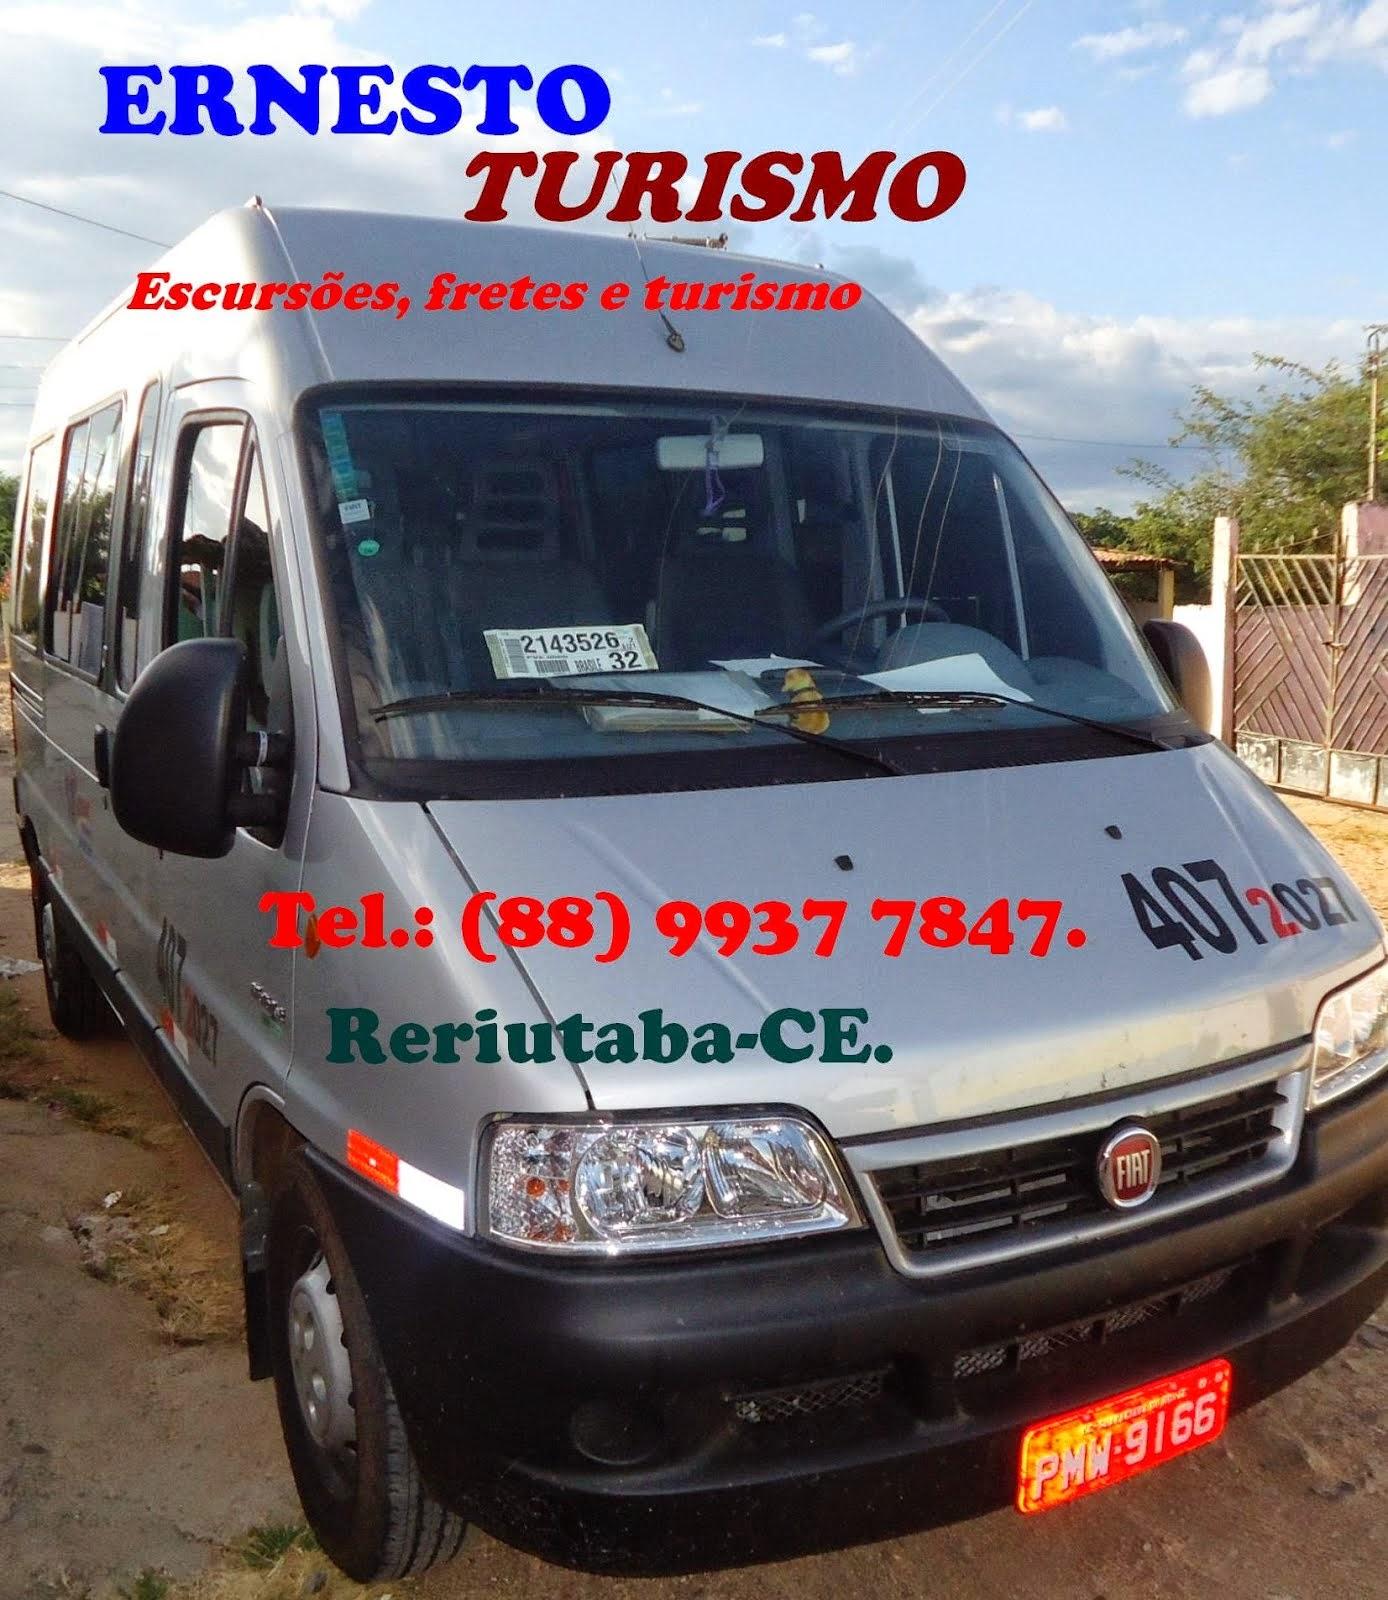 ERNESTO TURISMO - RERIUTABA-CE